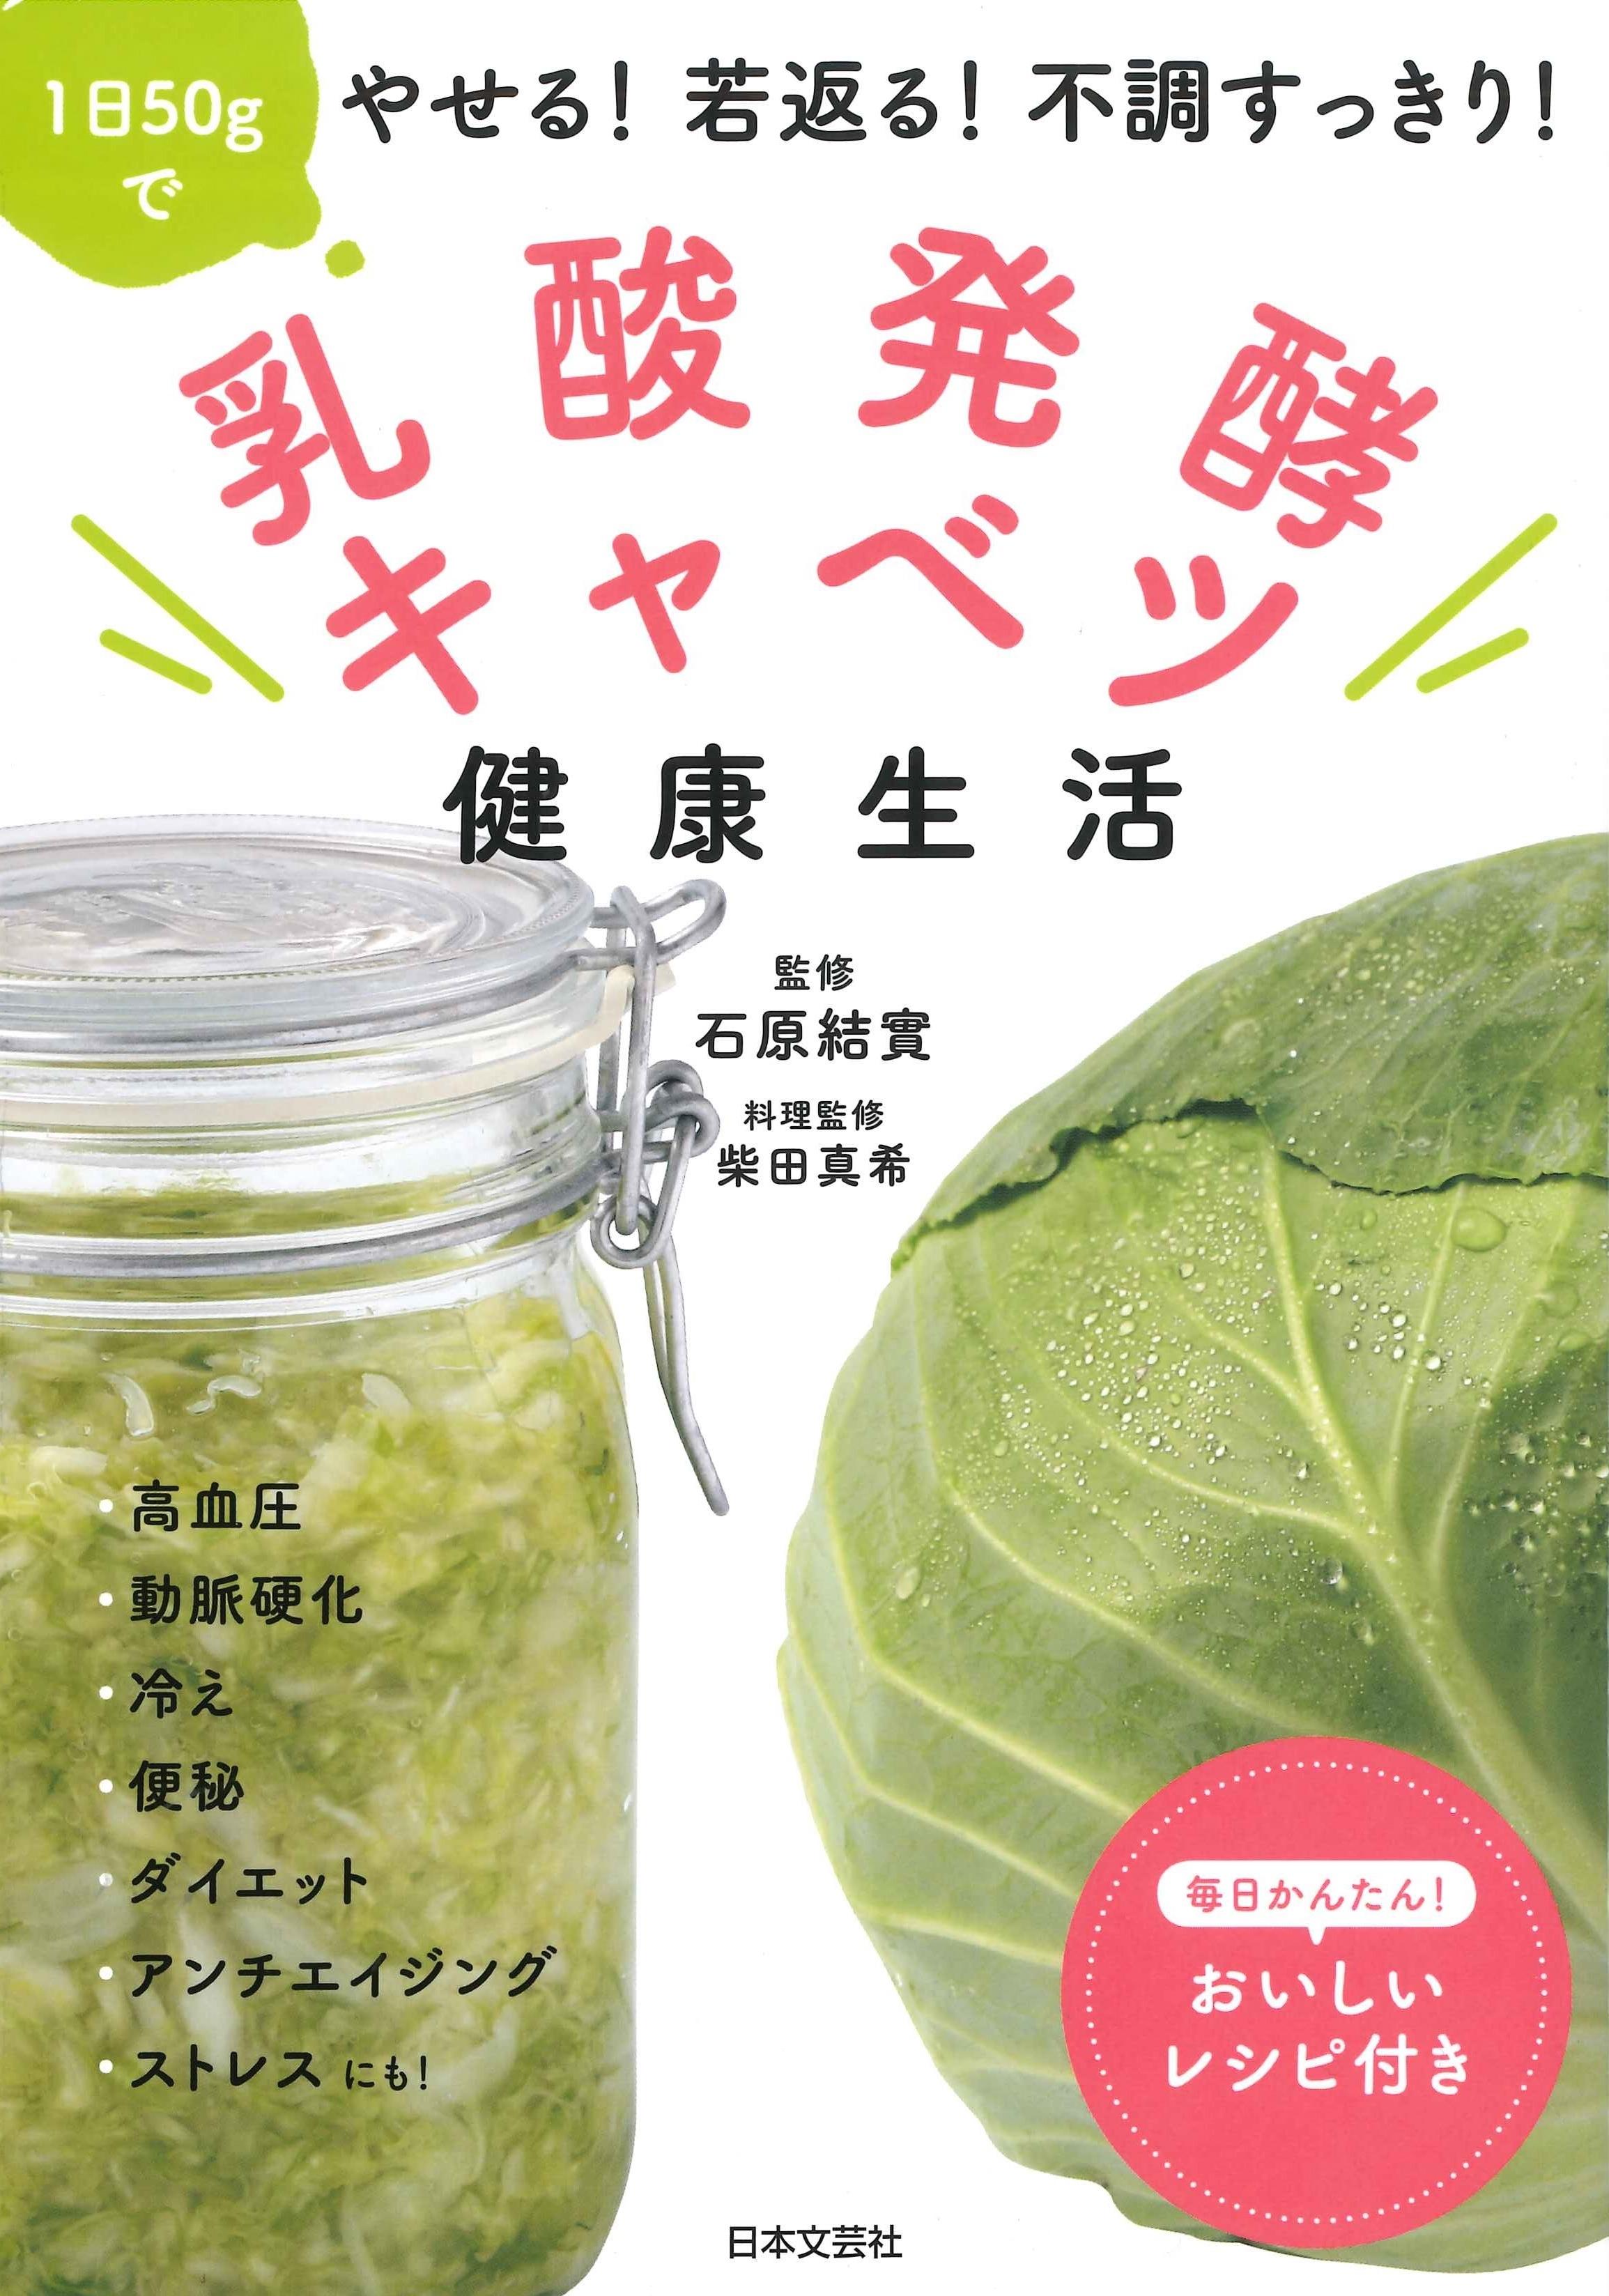 乳酸発酵キャベツ 健康生活 (日本文芸社)イメージ